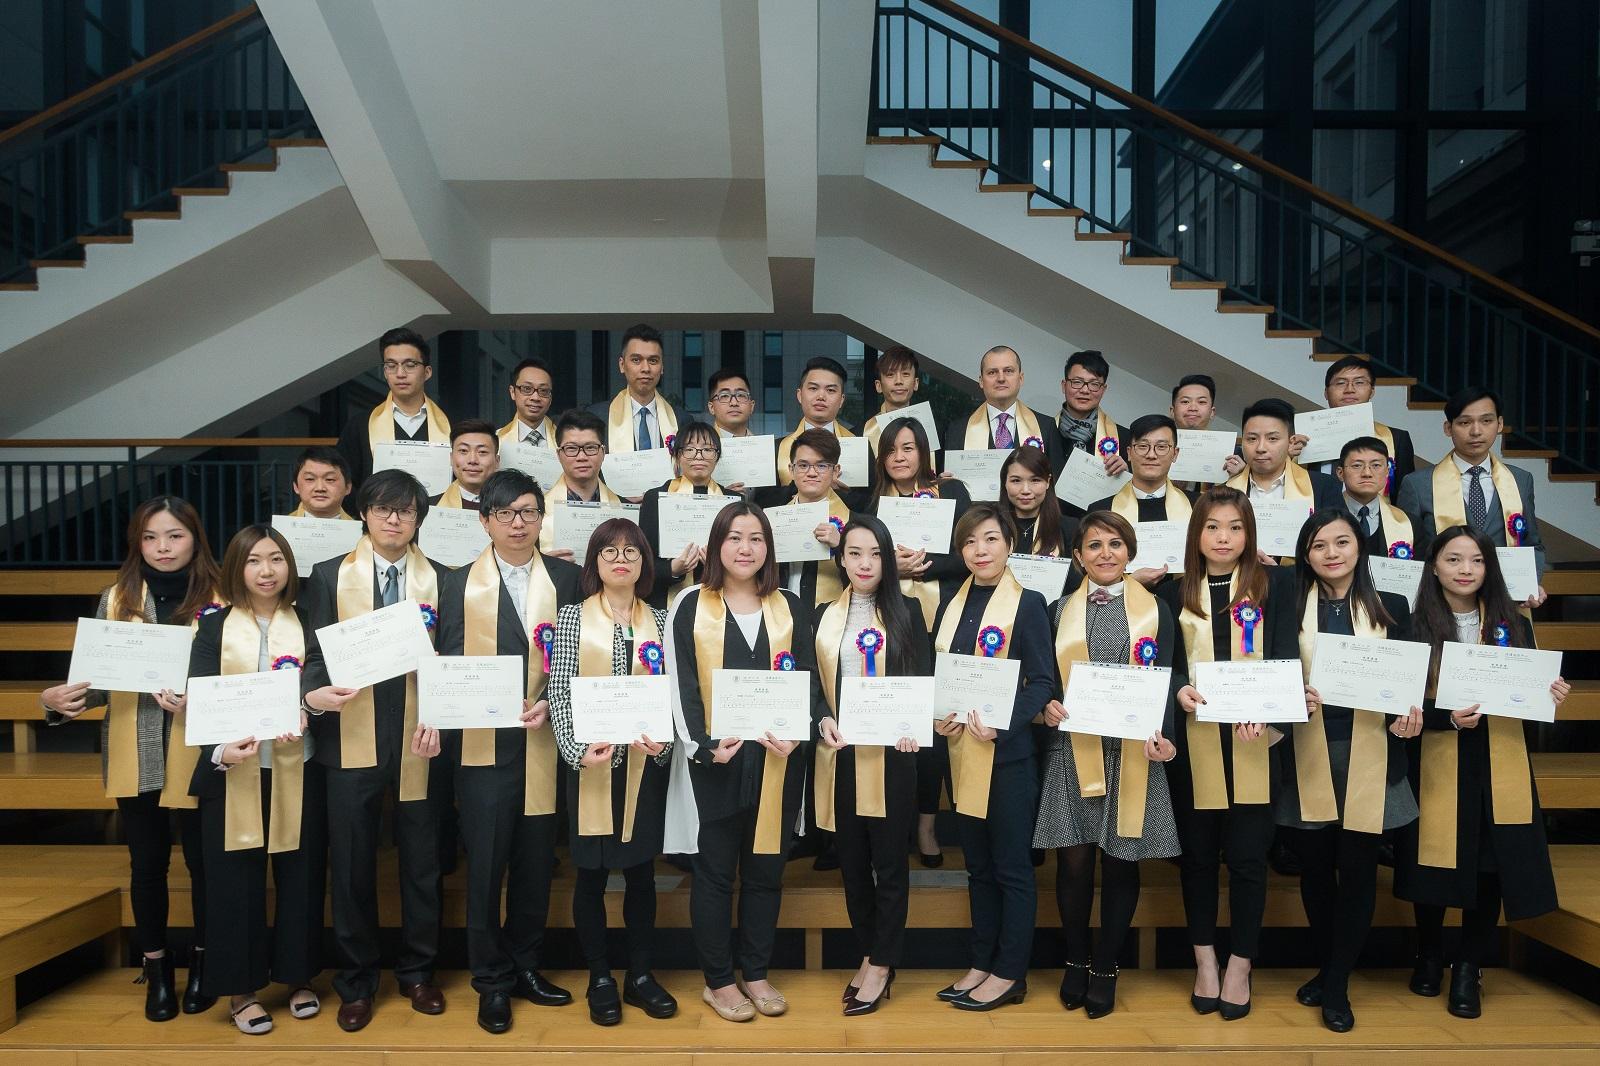 团队成员完成澳门大学文凭课程 - 金沙中国